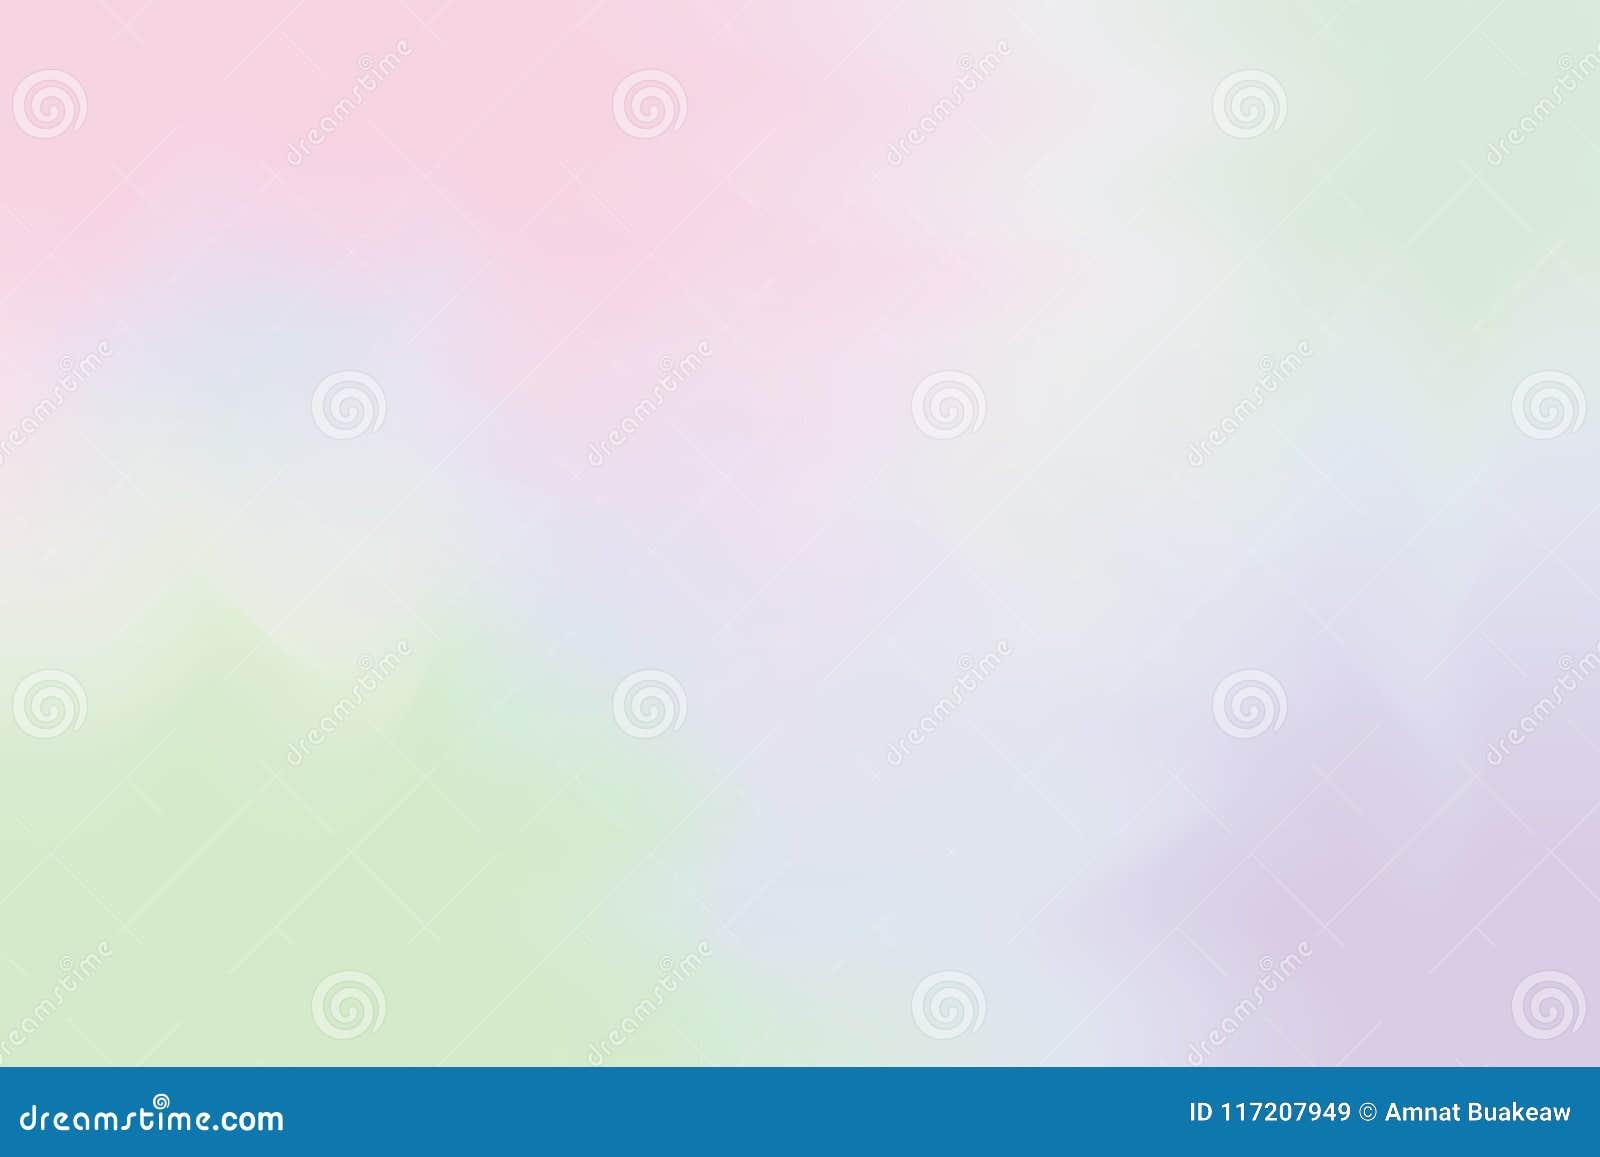 För bakgrundsmålning för rosa purpurfärgad mjuk färg blandat abstrakt begrepp för pastell för konst, färgrik konsttapet